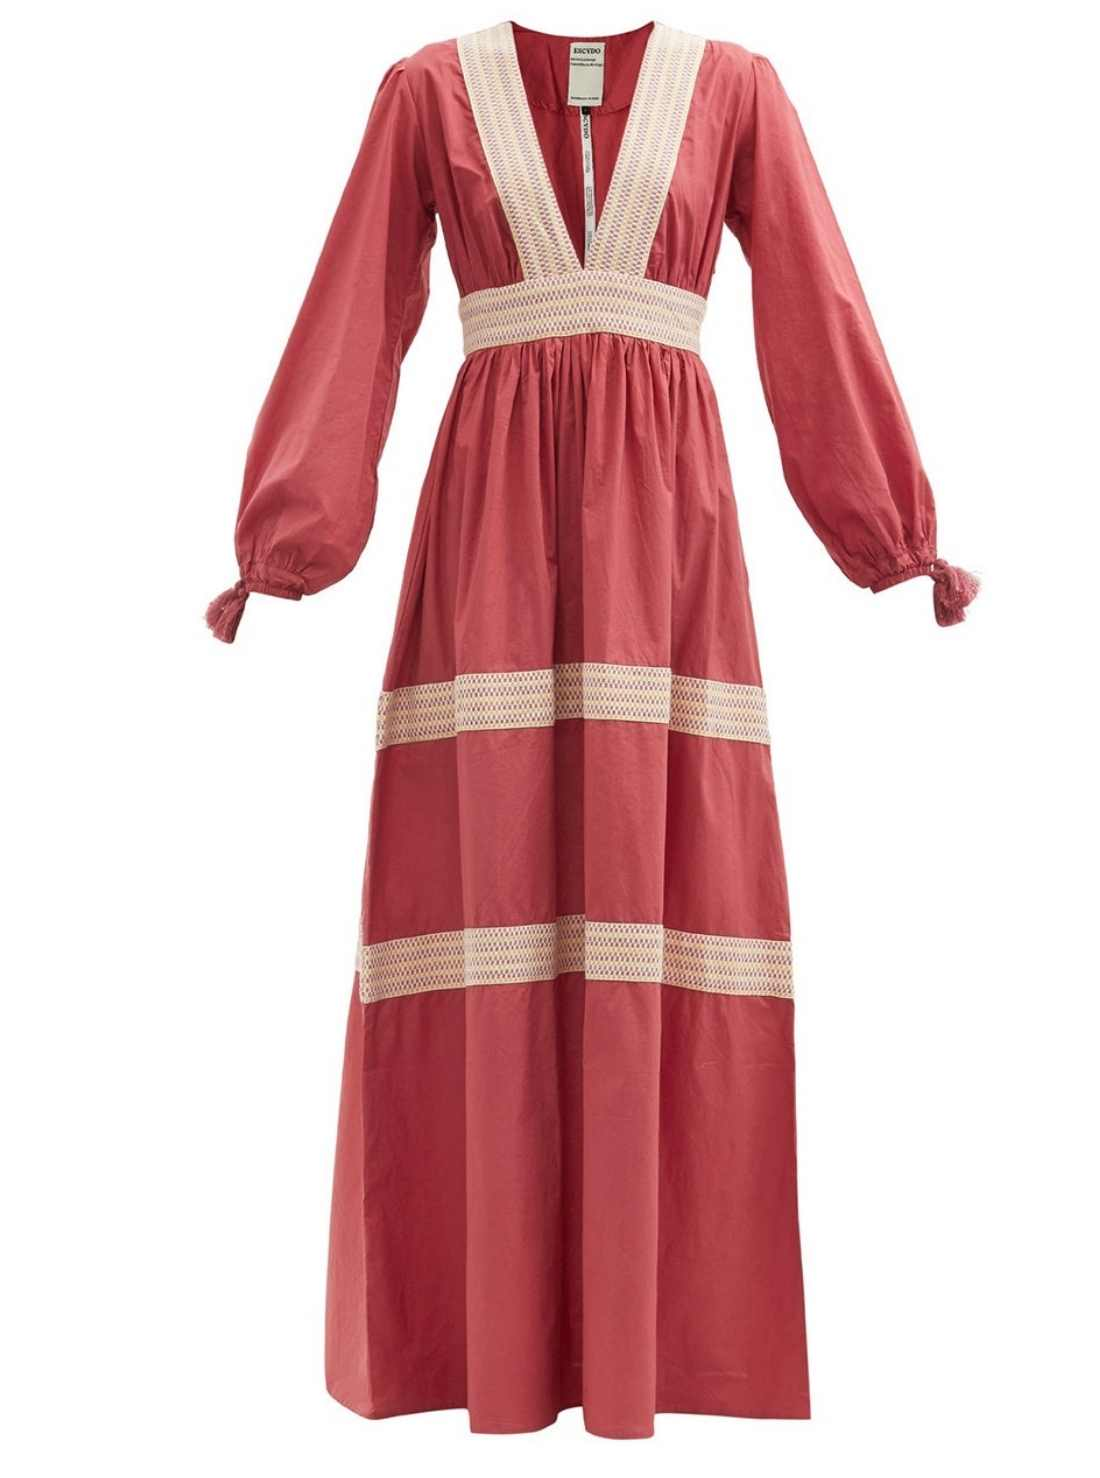 Unique style boho dress